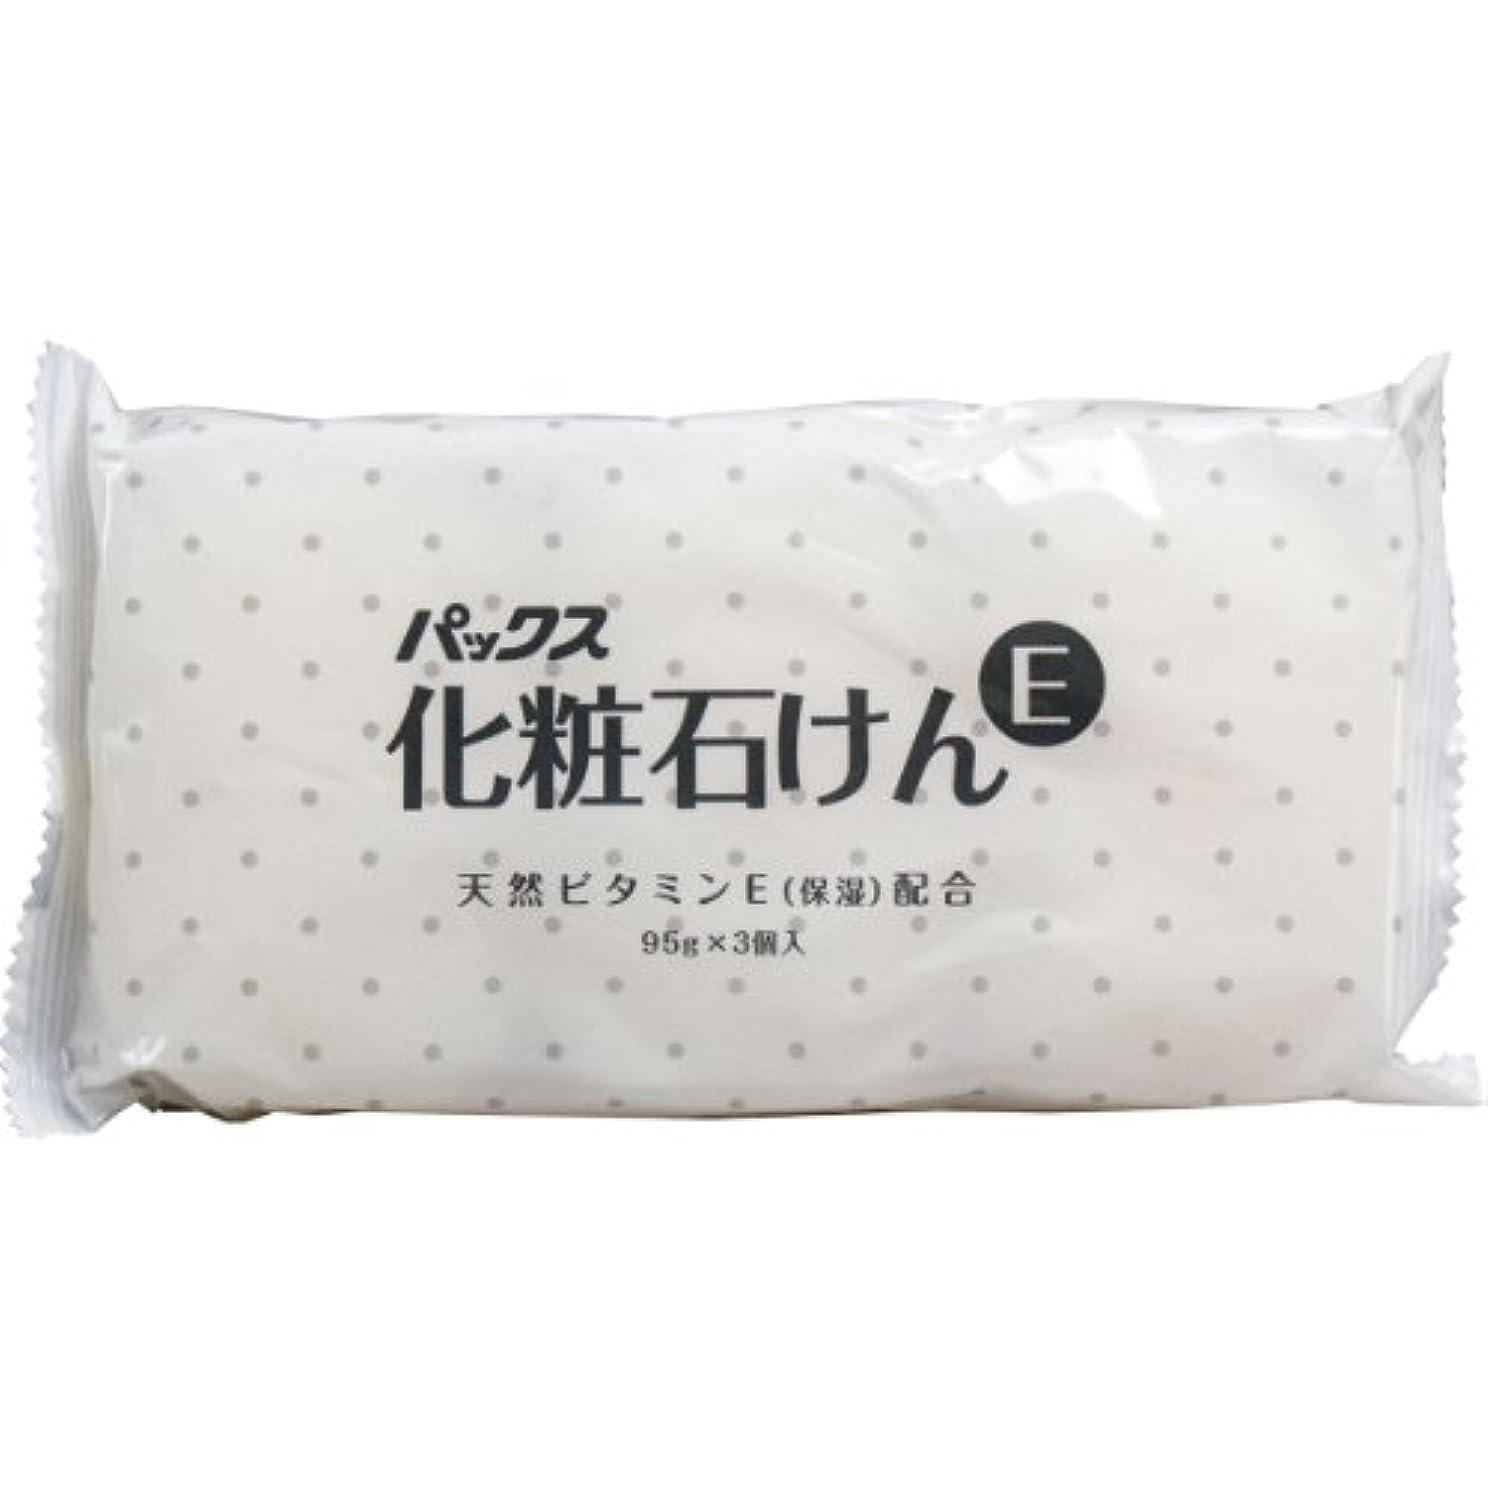 パックス 化粧石けん (95G X3個入り)【6個パック】